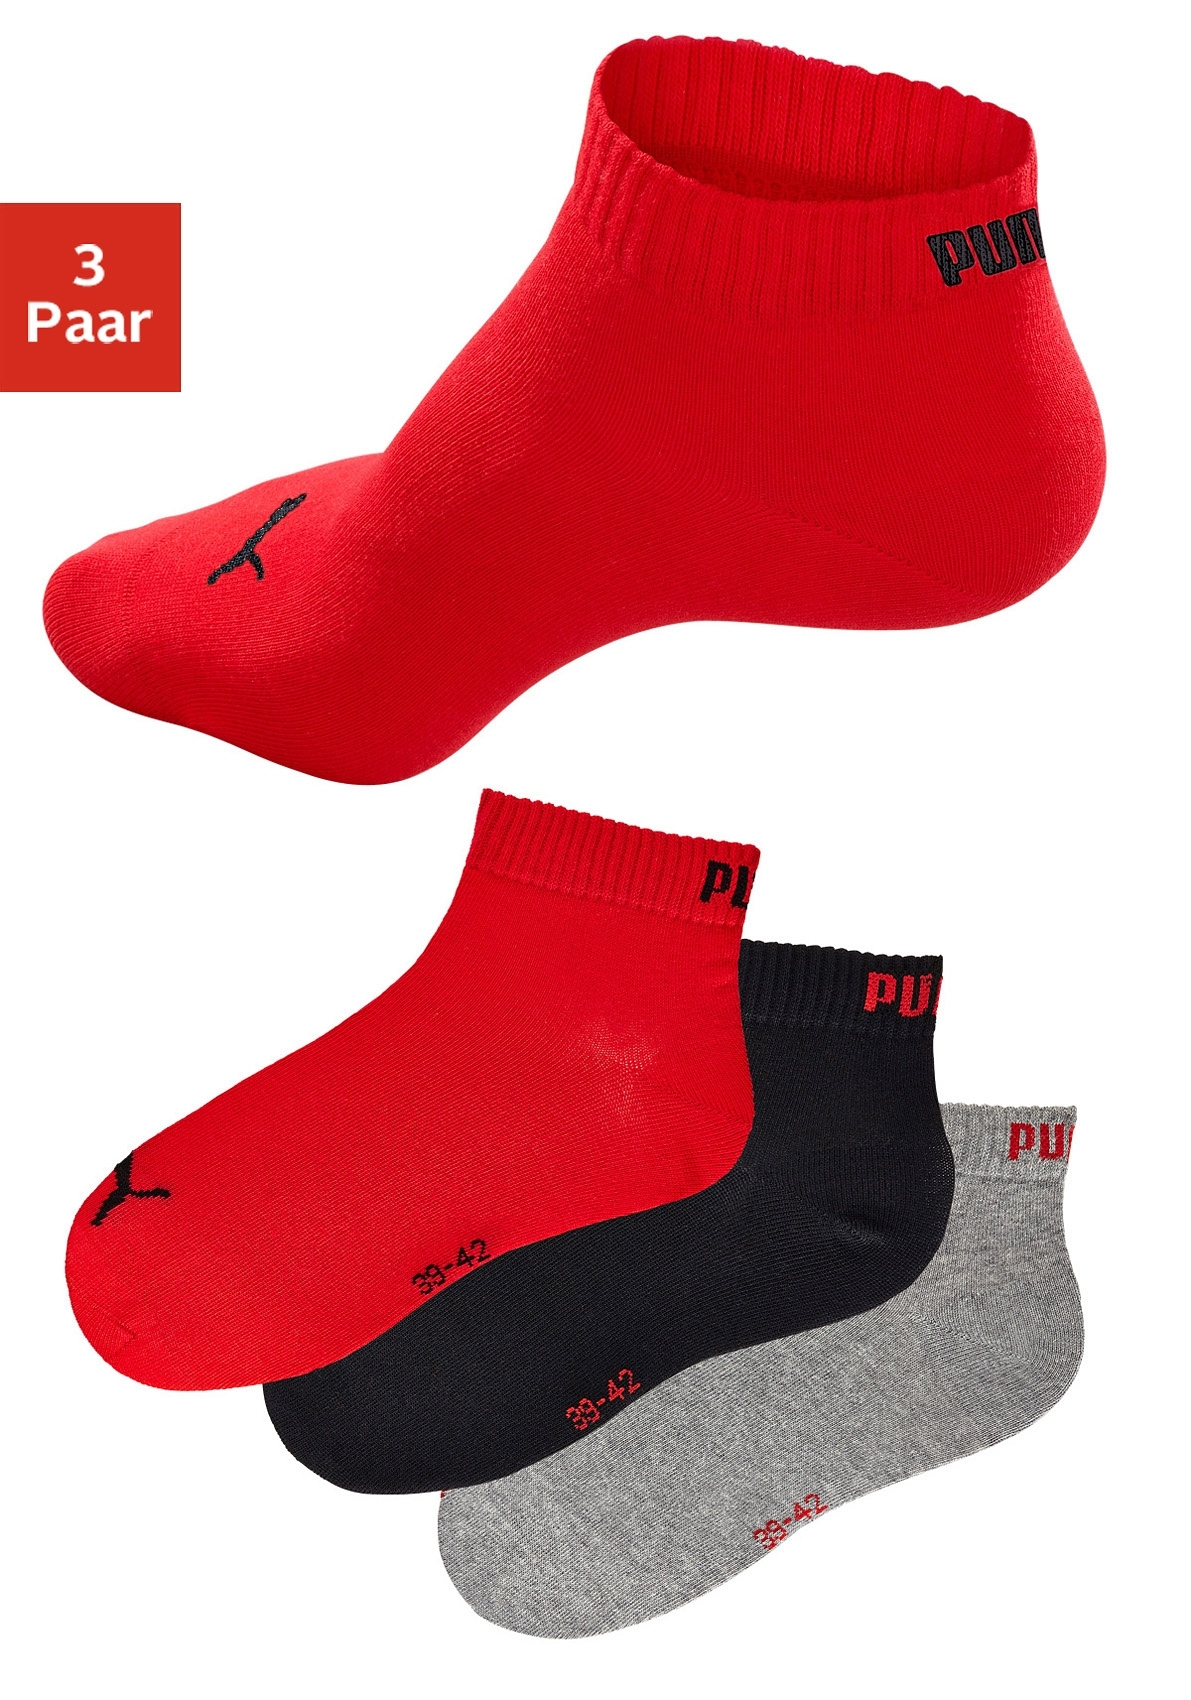 PUMA sportieve korte sokken (set van 3 paar) met ribboord online kopen op otto.nl